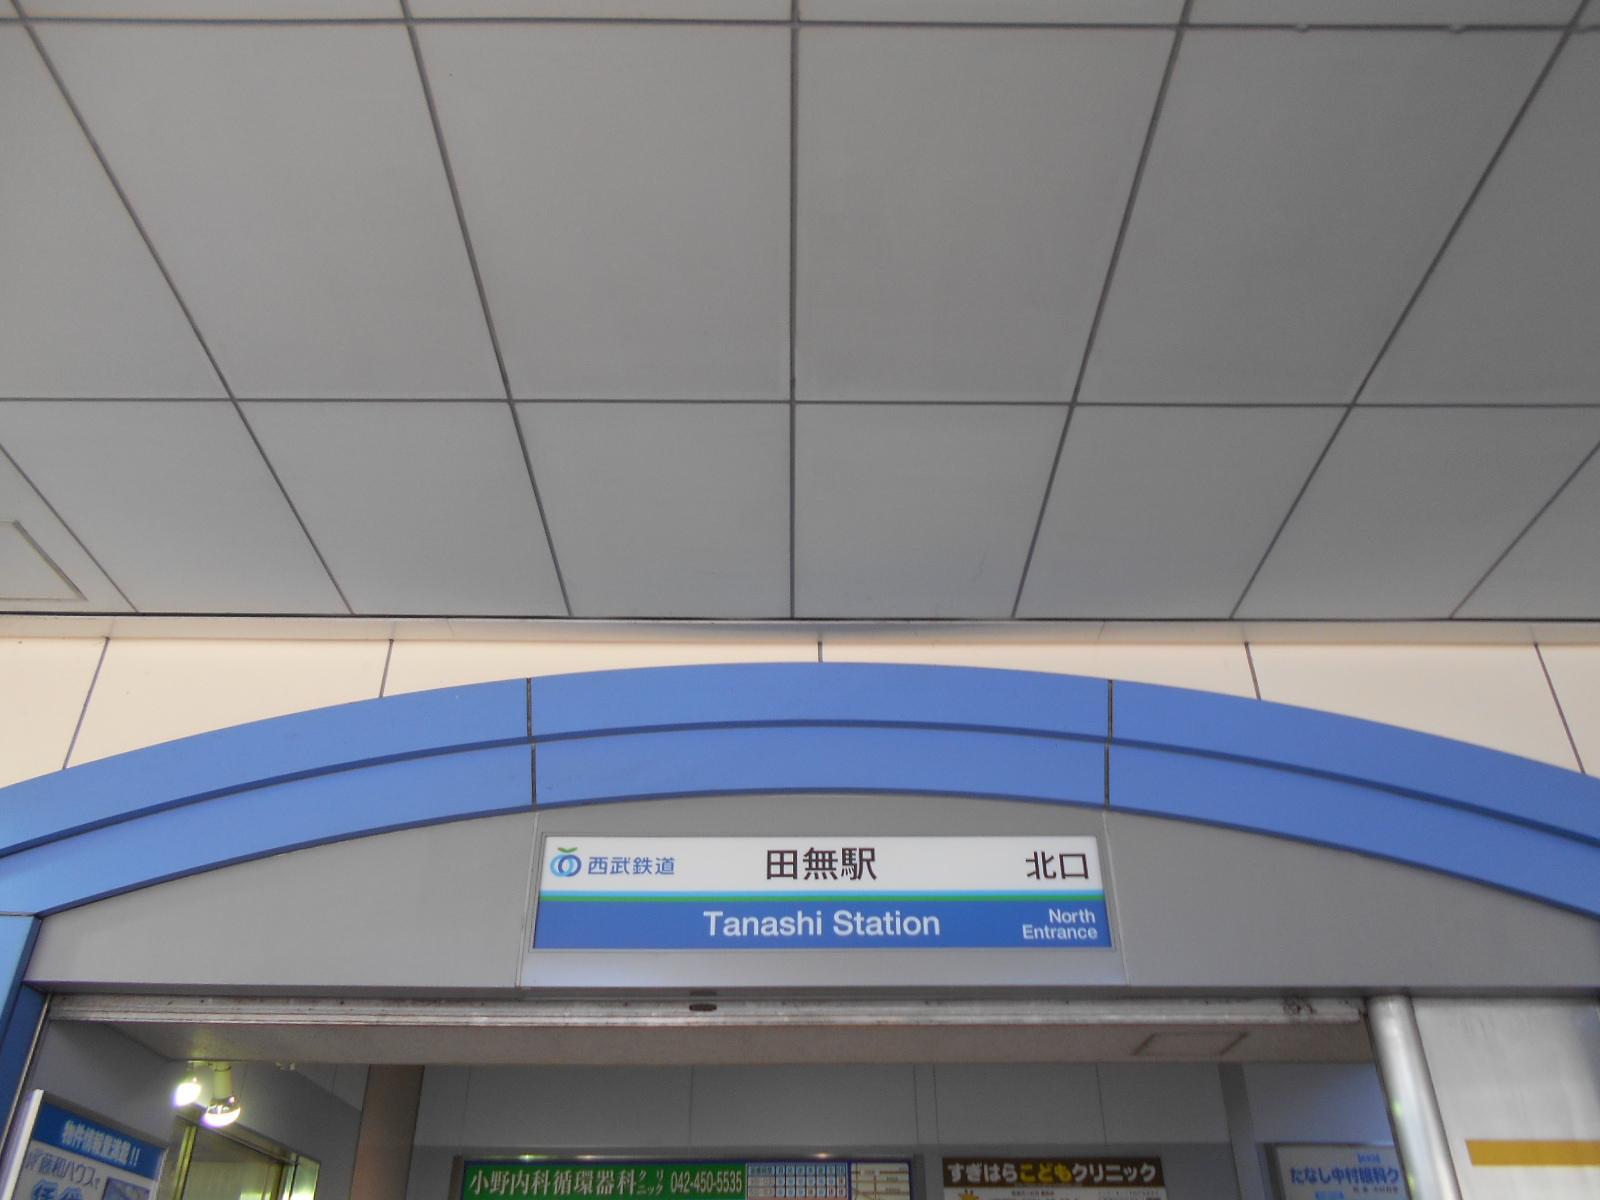 DSCN9273.jpg